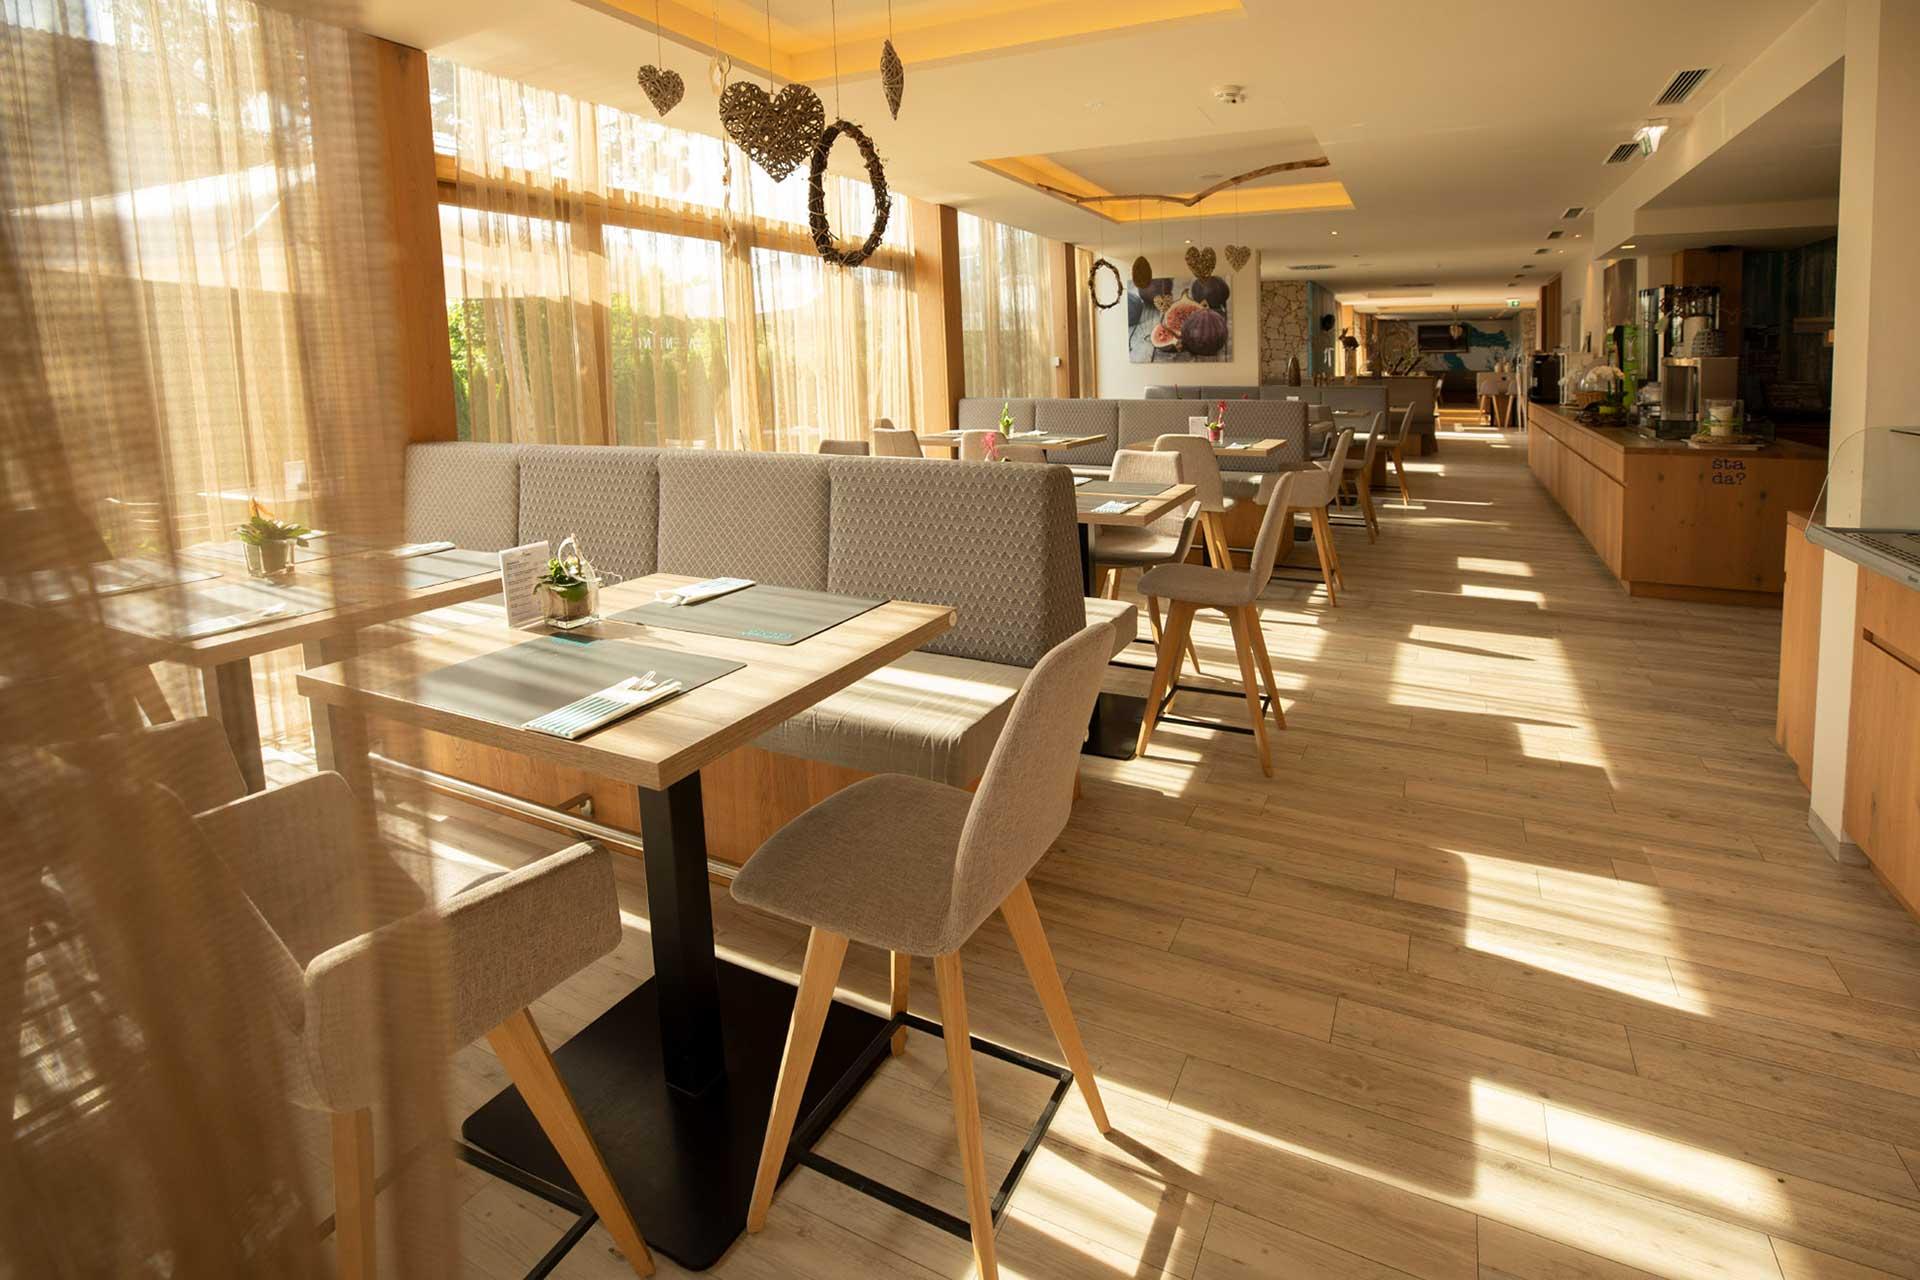 Bader-Images Restaurantfotografie Interieur